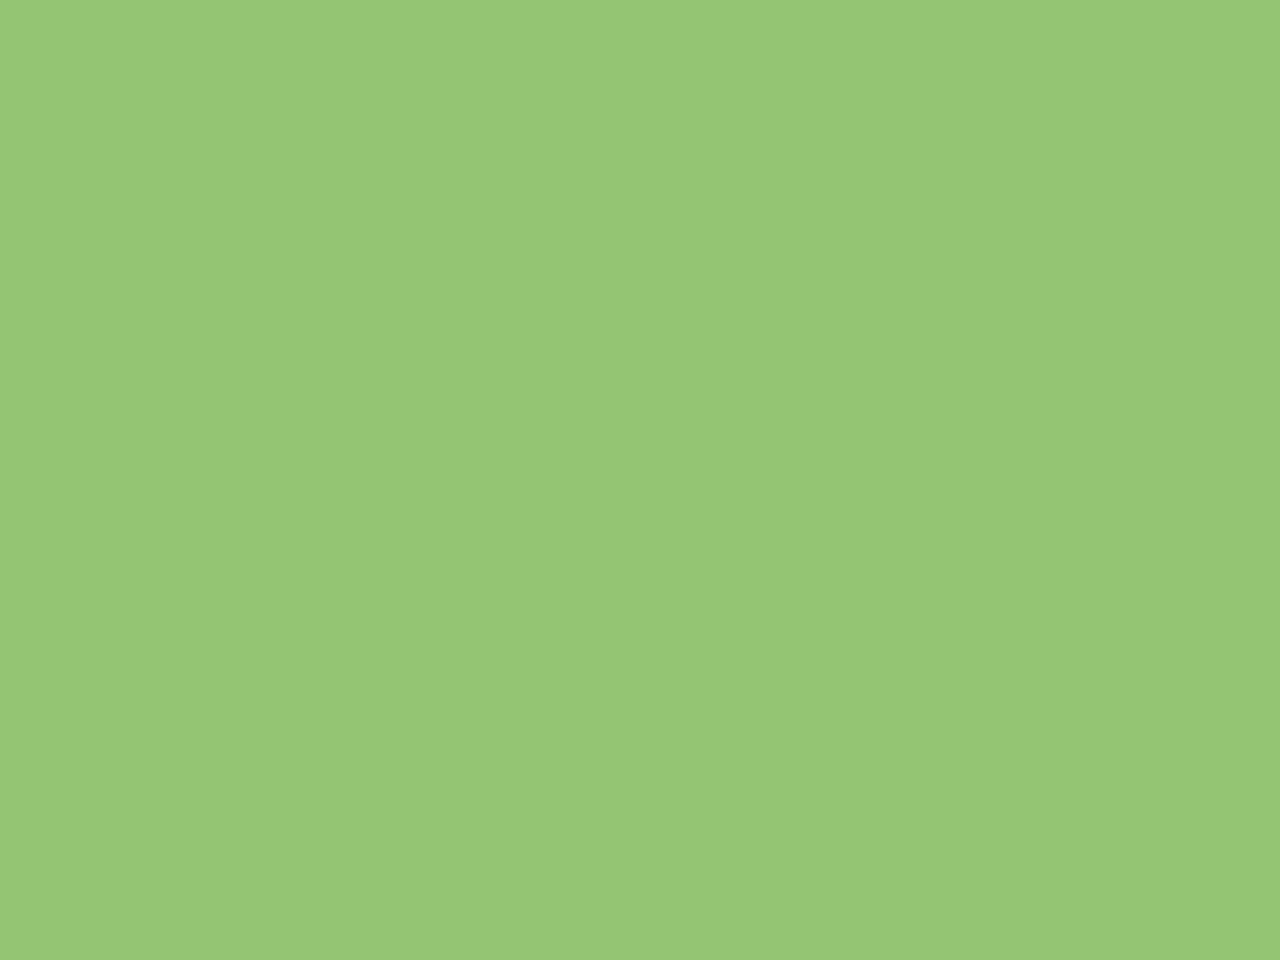 1280x960 Pistachio Solid Color Background